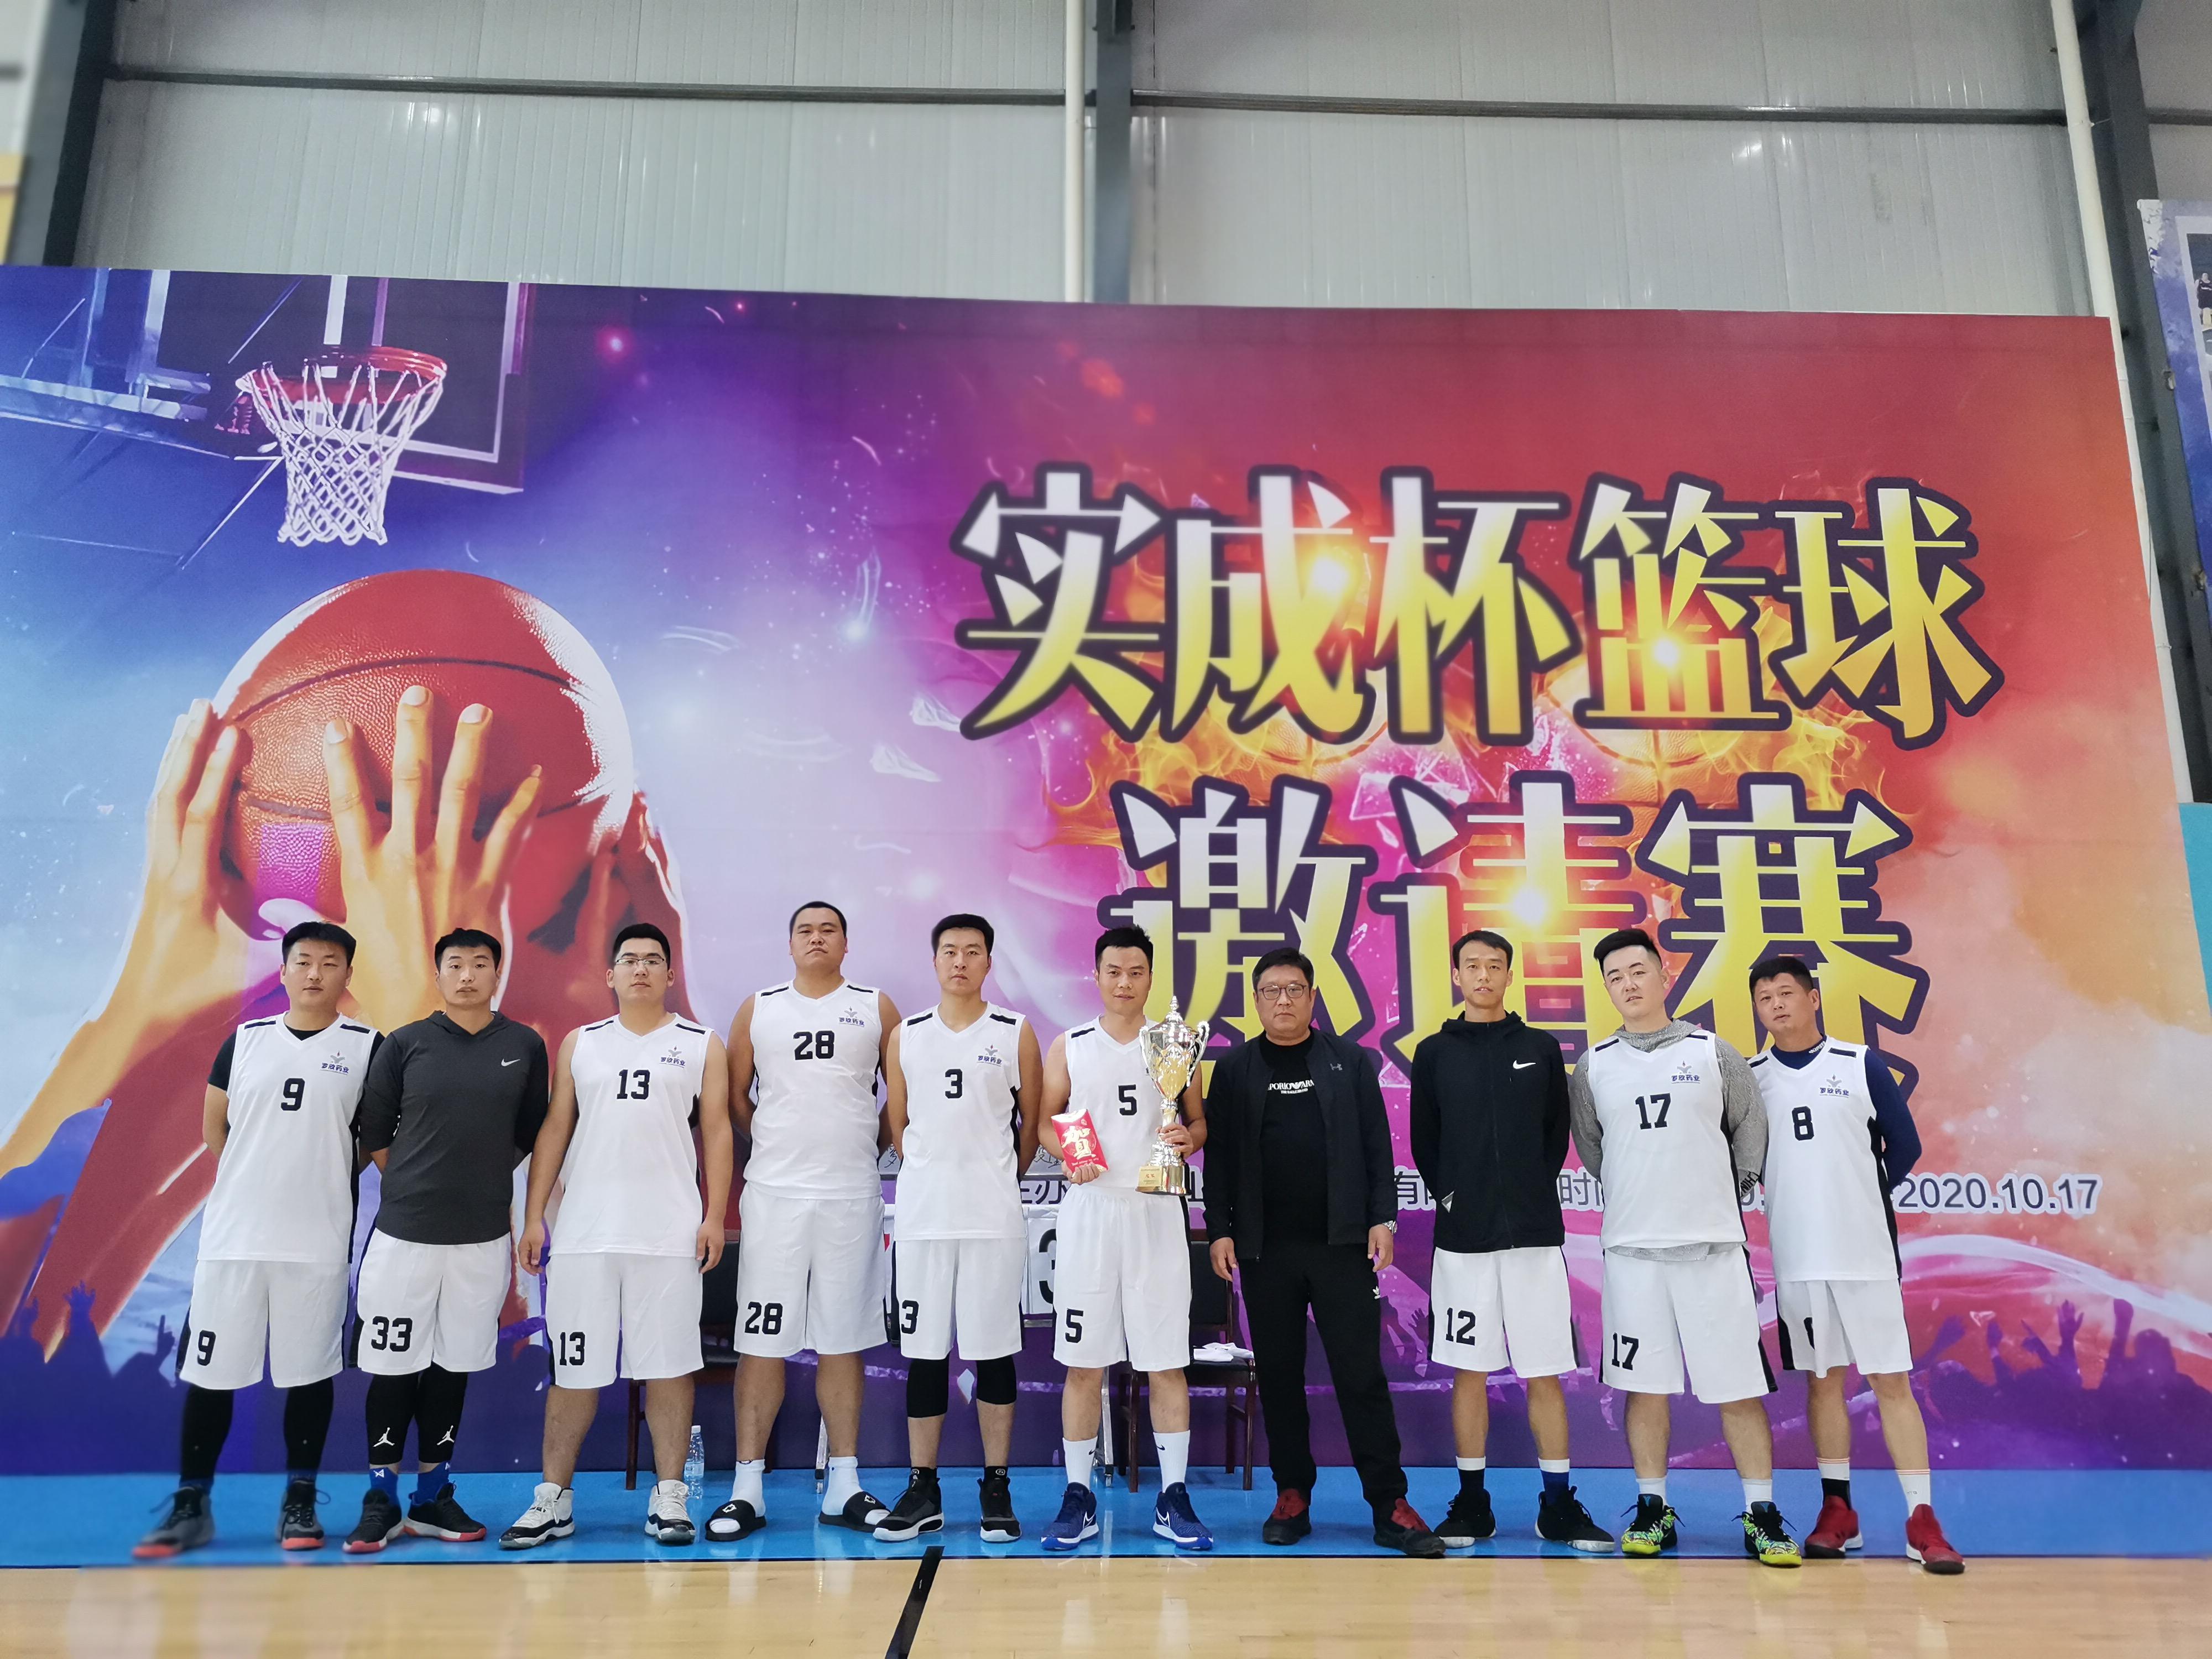 易胜博亚洲官网在线杯篮球邀请赛